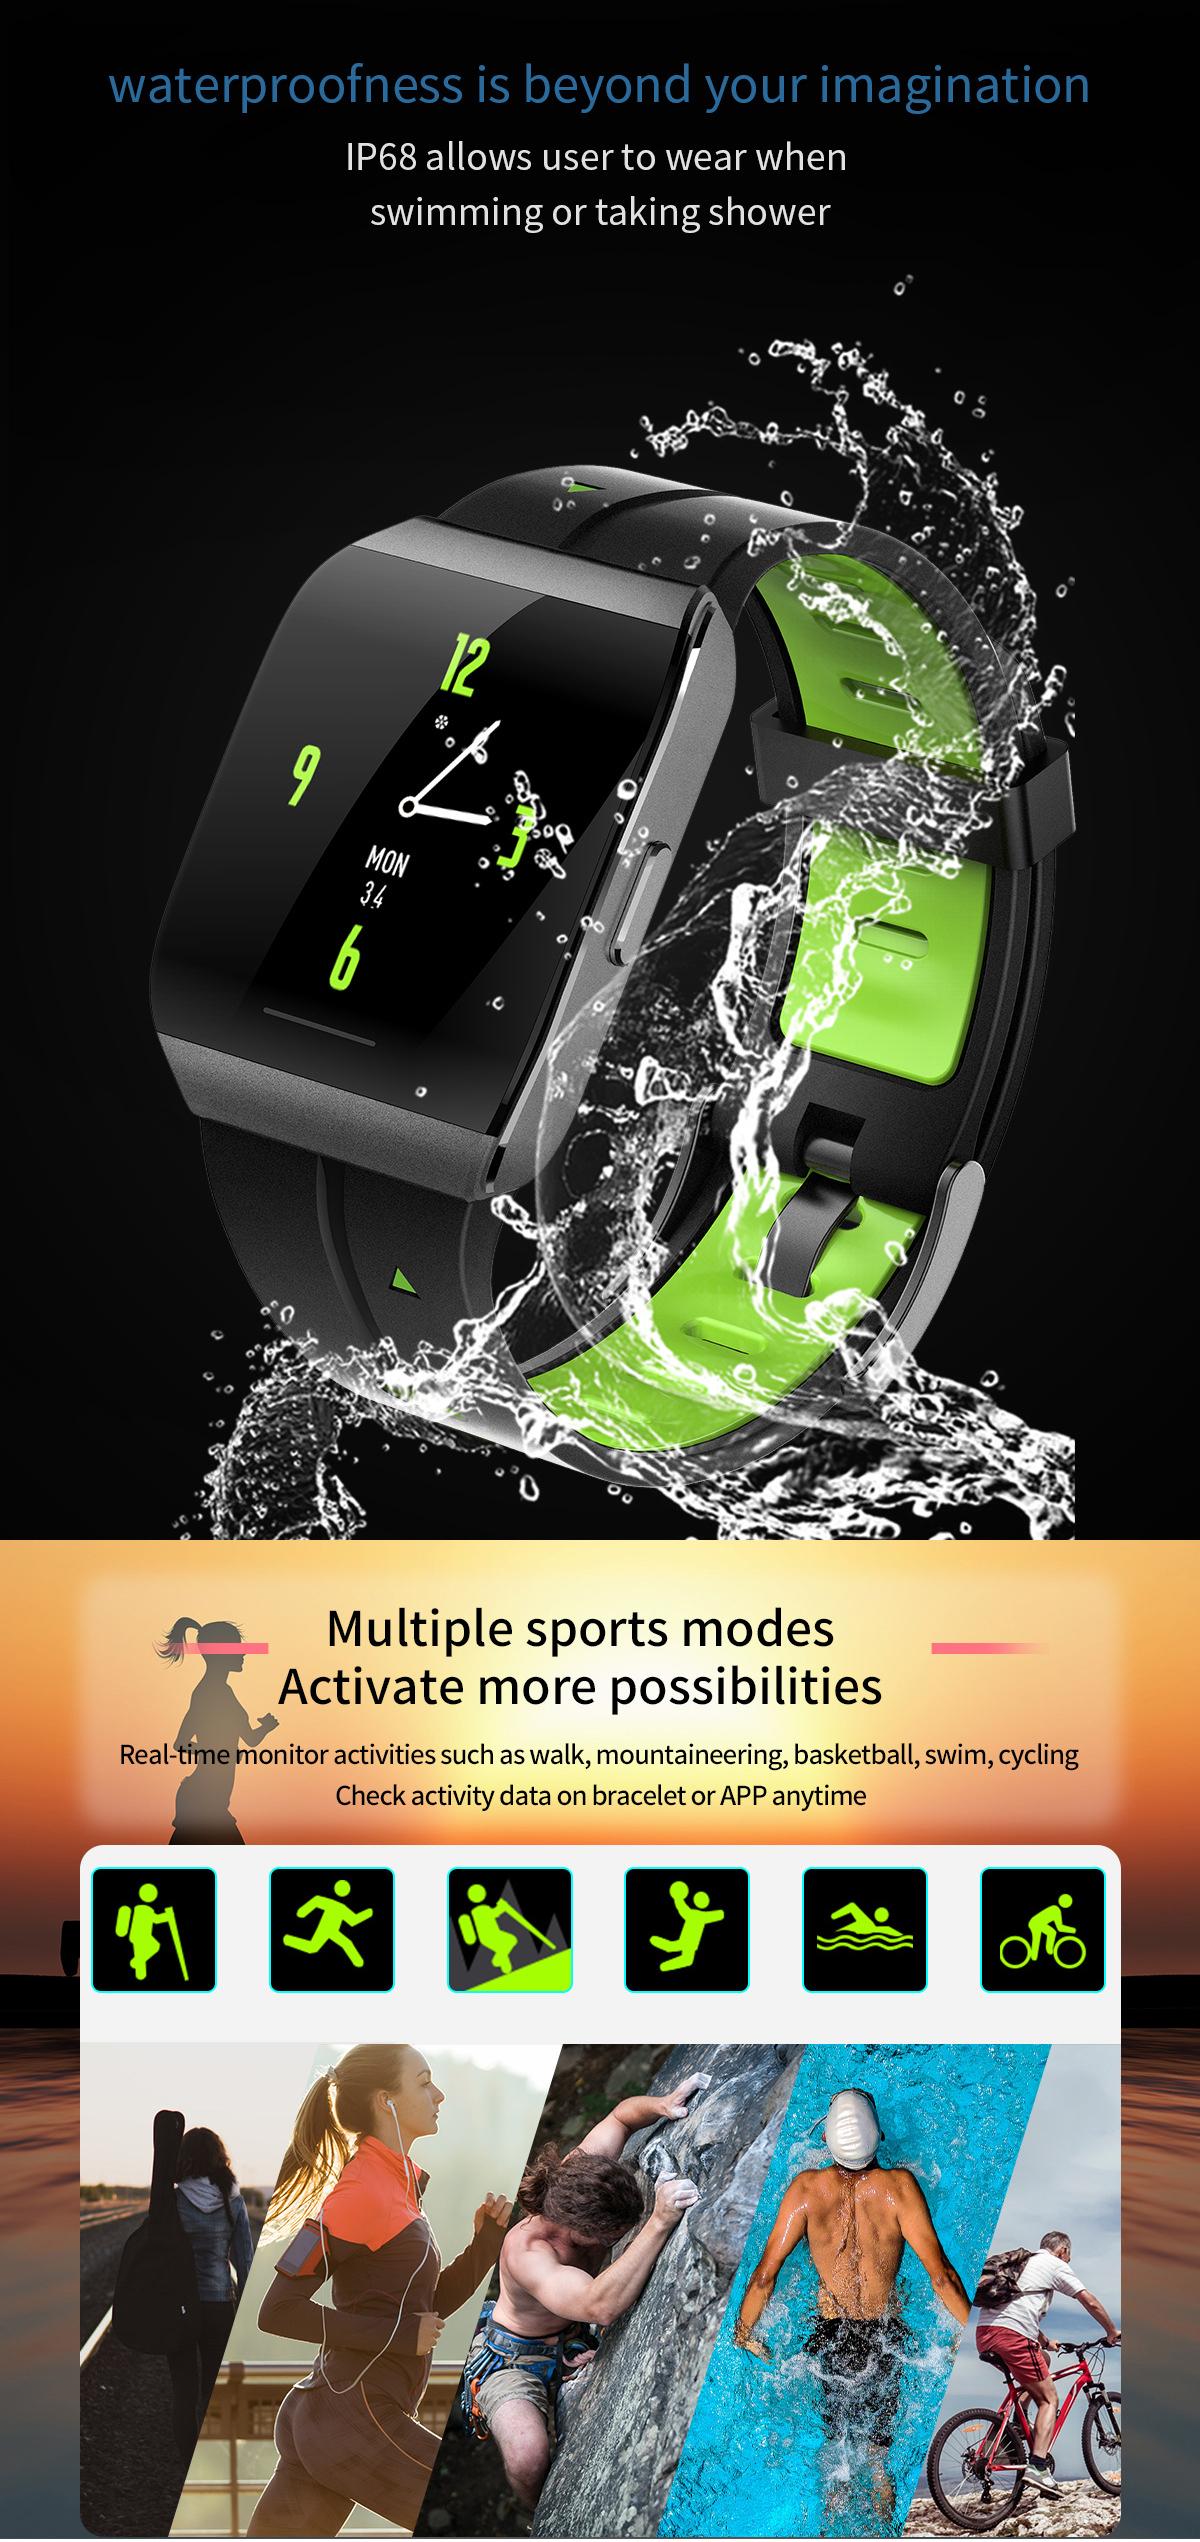 XANES®X11,3-дюймовыйцветнойсенсорныйэкран IP68 Водонепроницаемы Smart Watch Секундомер Фитнес Спортивный браслет - фото 3